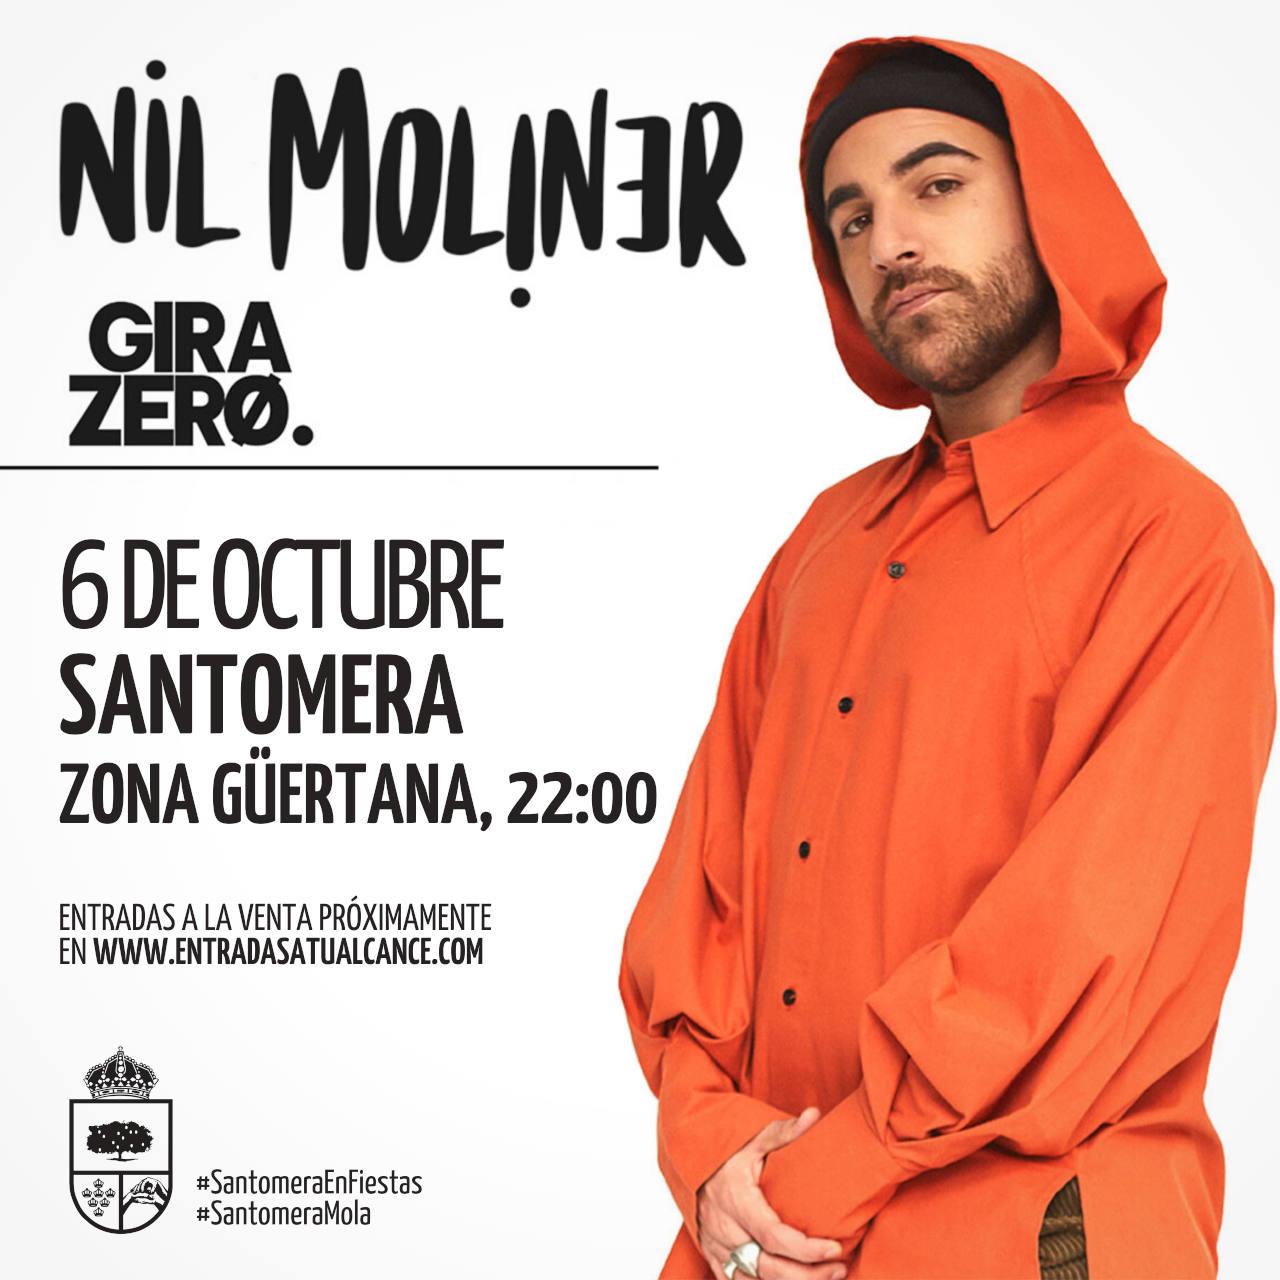 20210914_Anuncio concierto Nil Moliner